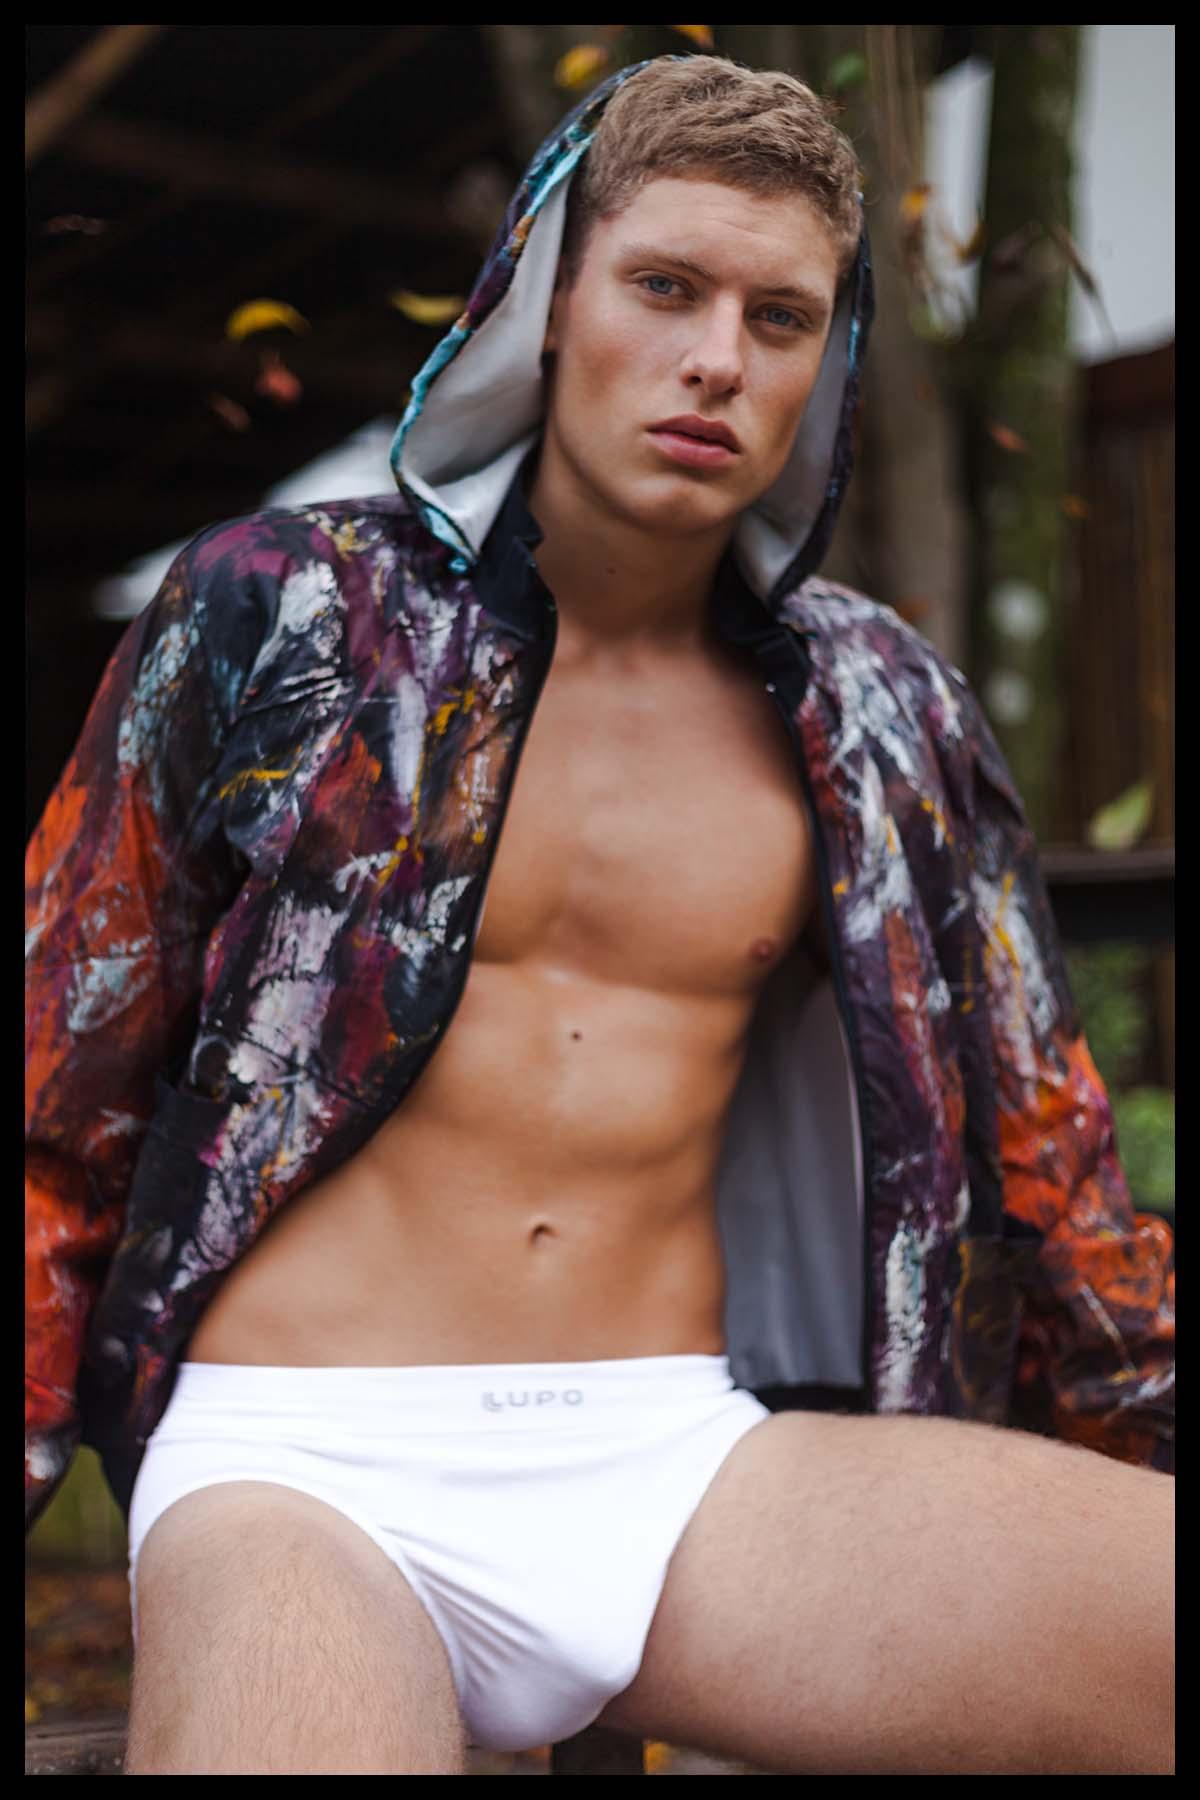 Pedro Bedran by Perspektiva for Brazilian Male Model